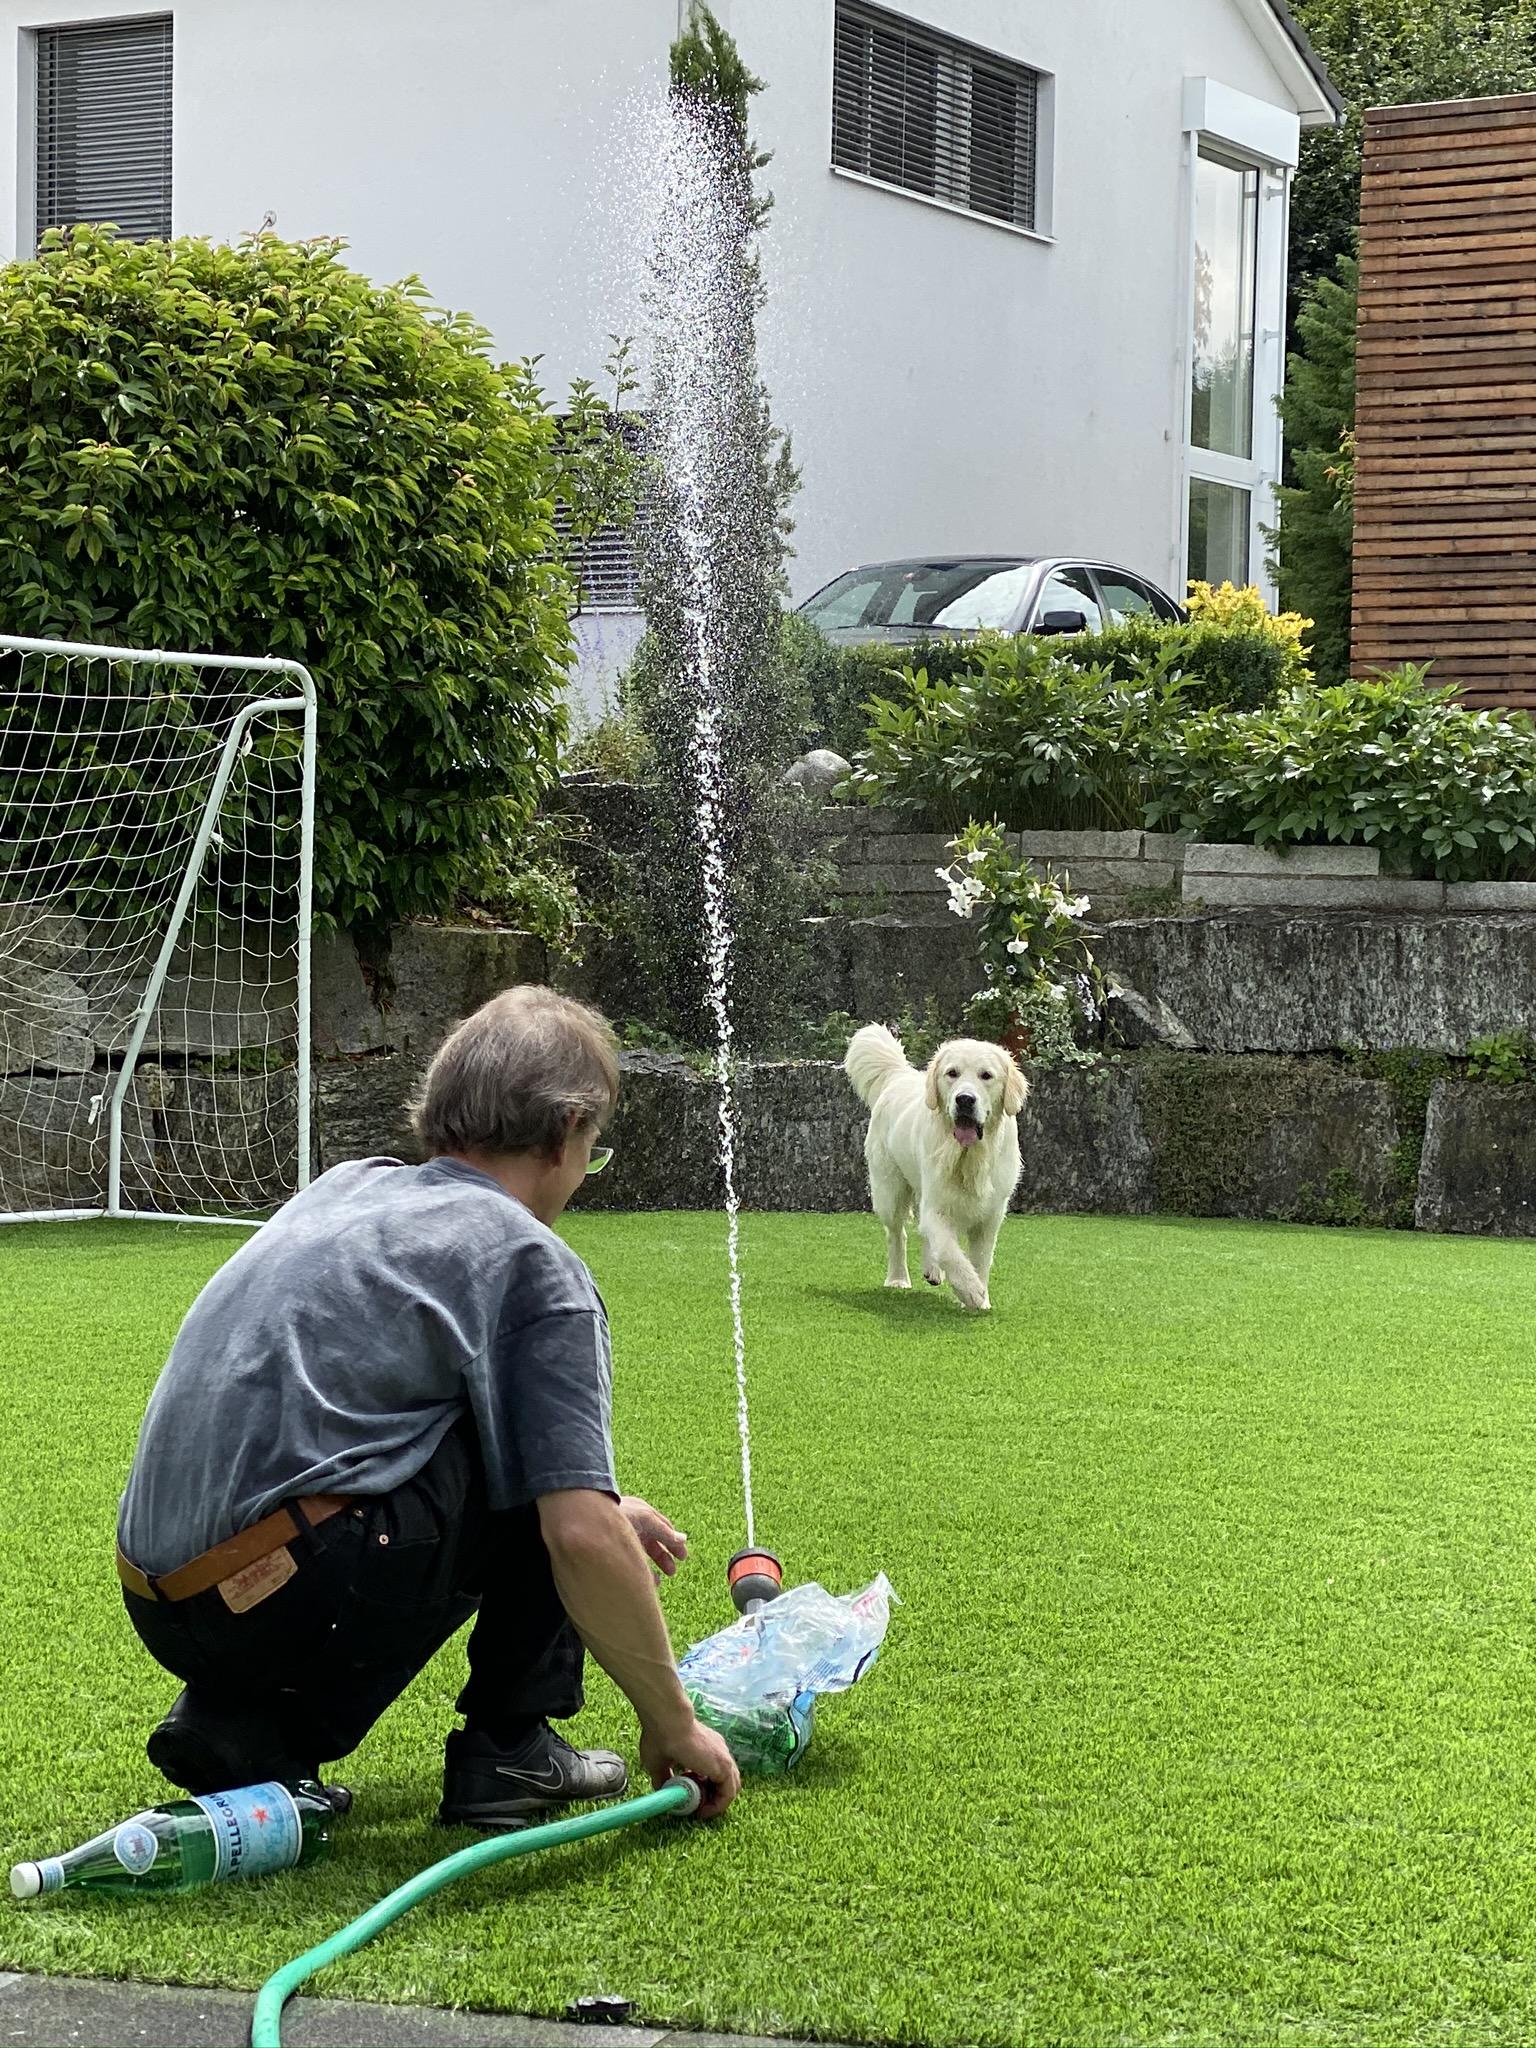 Wasserparty bei uns zu Hause - ich liiiiebe das!!!